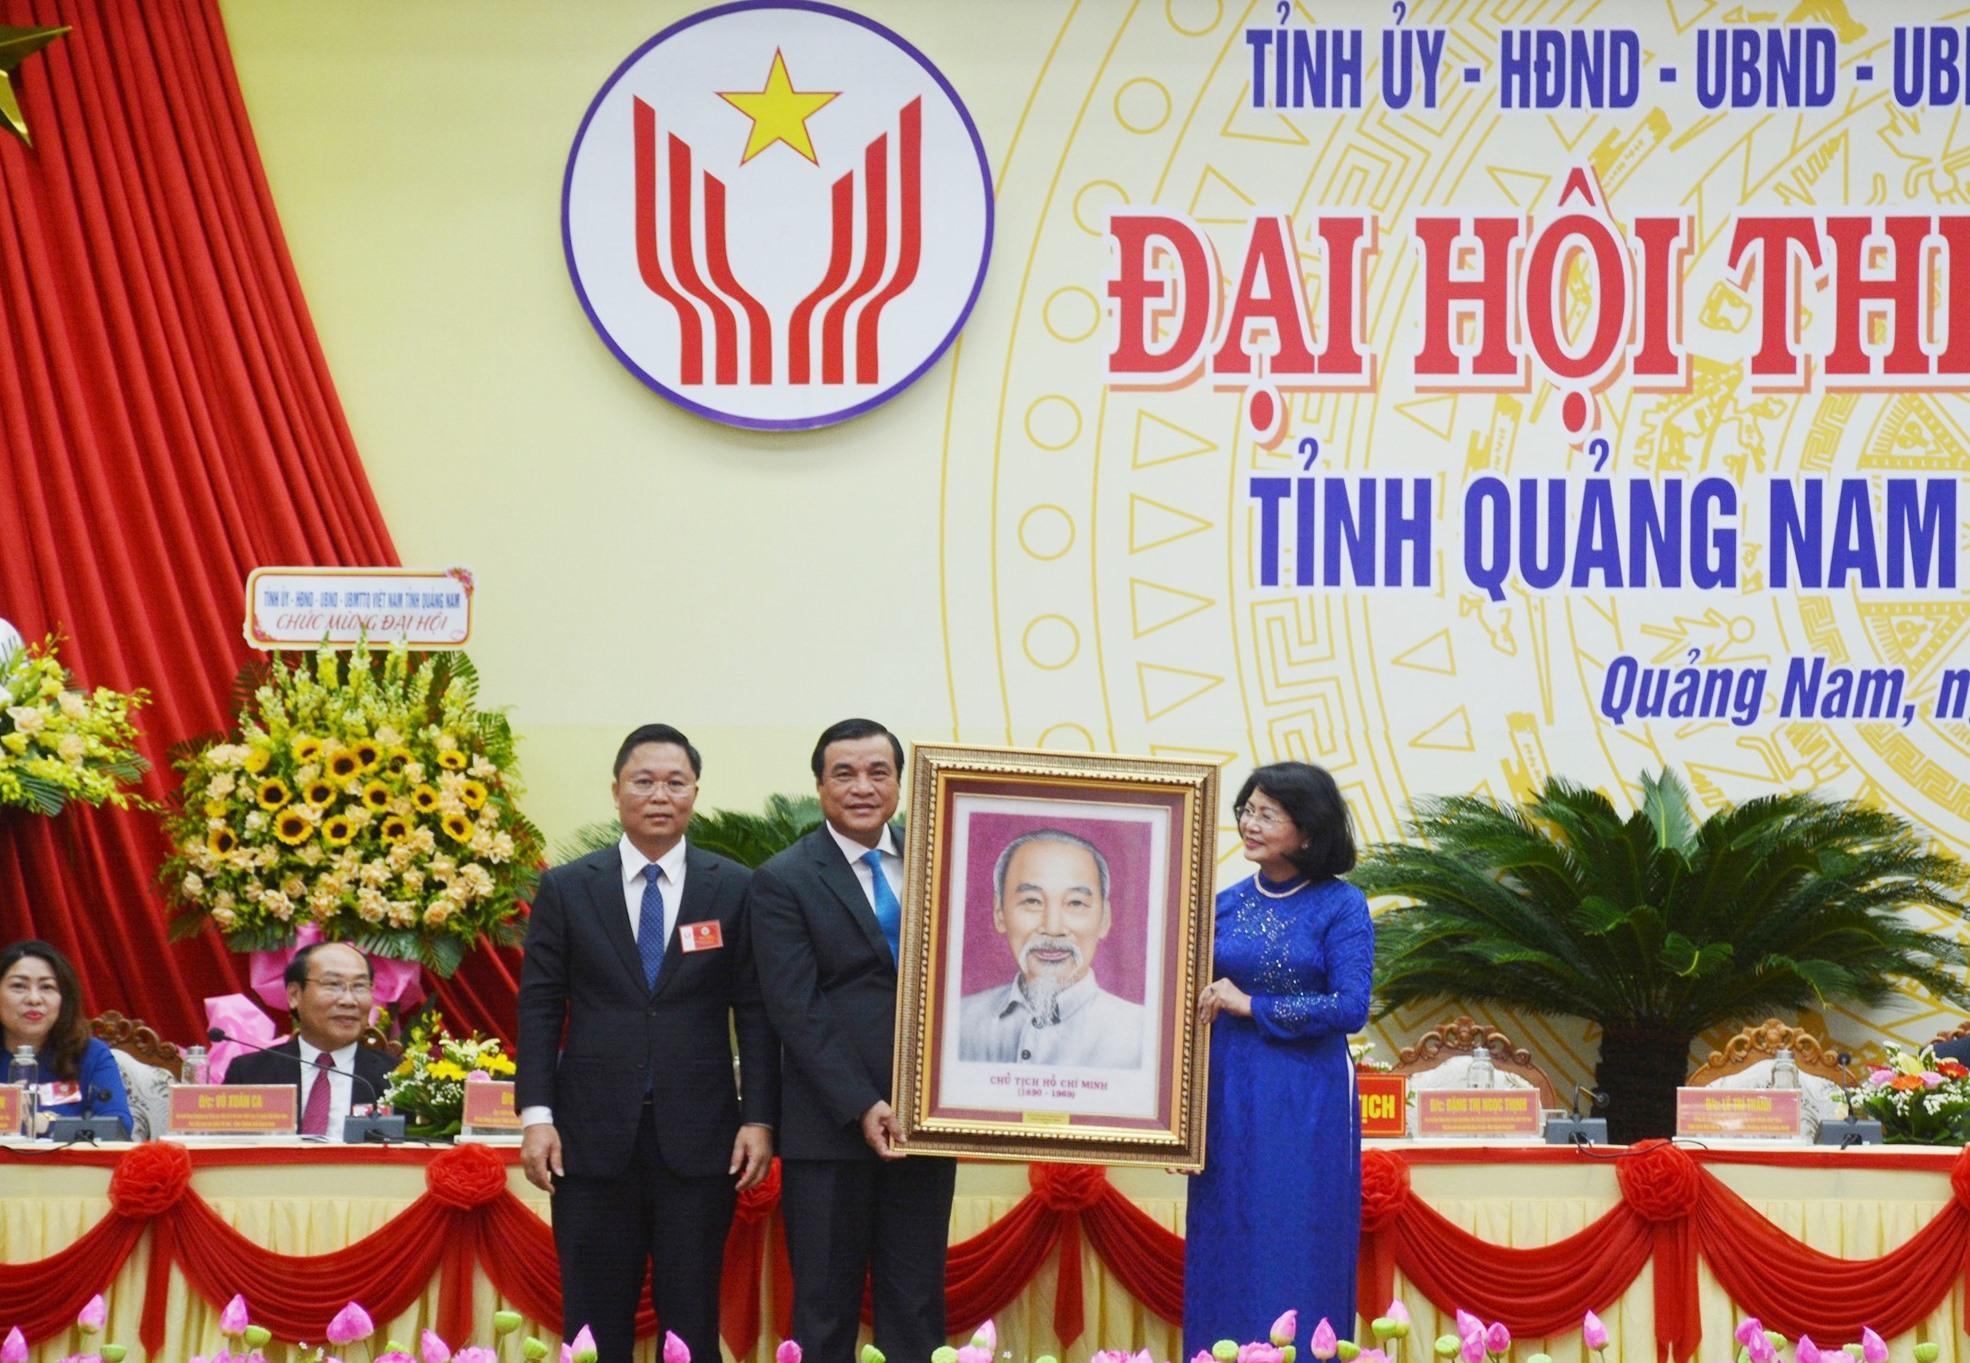 Phó Chủ tịch nước Đặng Thị Ngọc Thịnh trao tặng bức chân dung Chủ tịch Hồ Chí Minh cho Đảng bộ, chính quyền và Nhân dân tỉnh. Ảnh: N.Đ